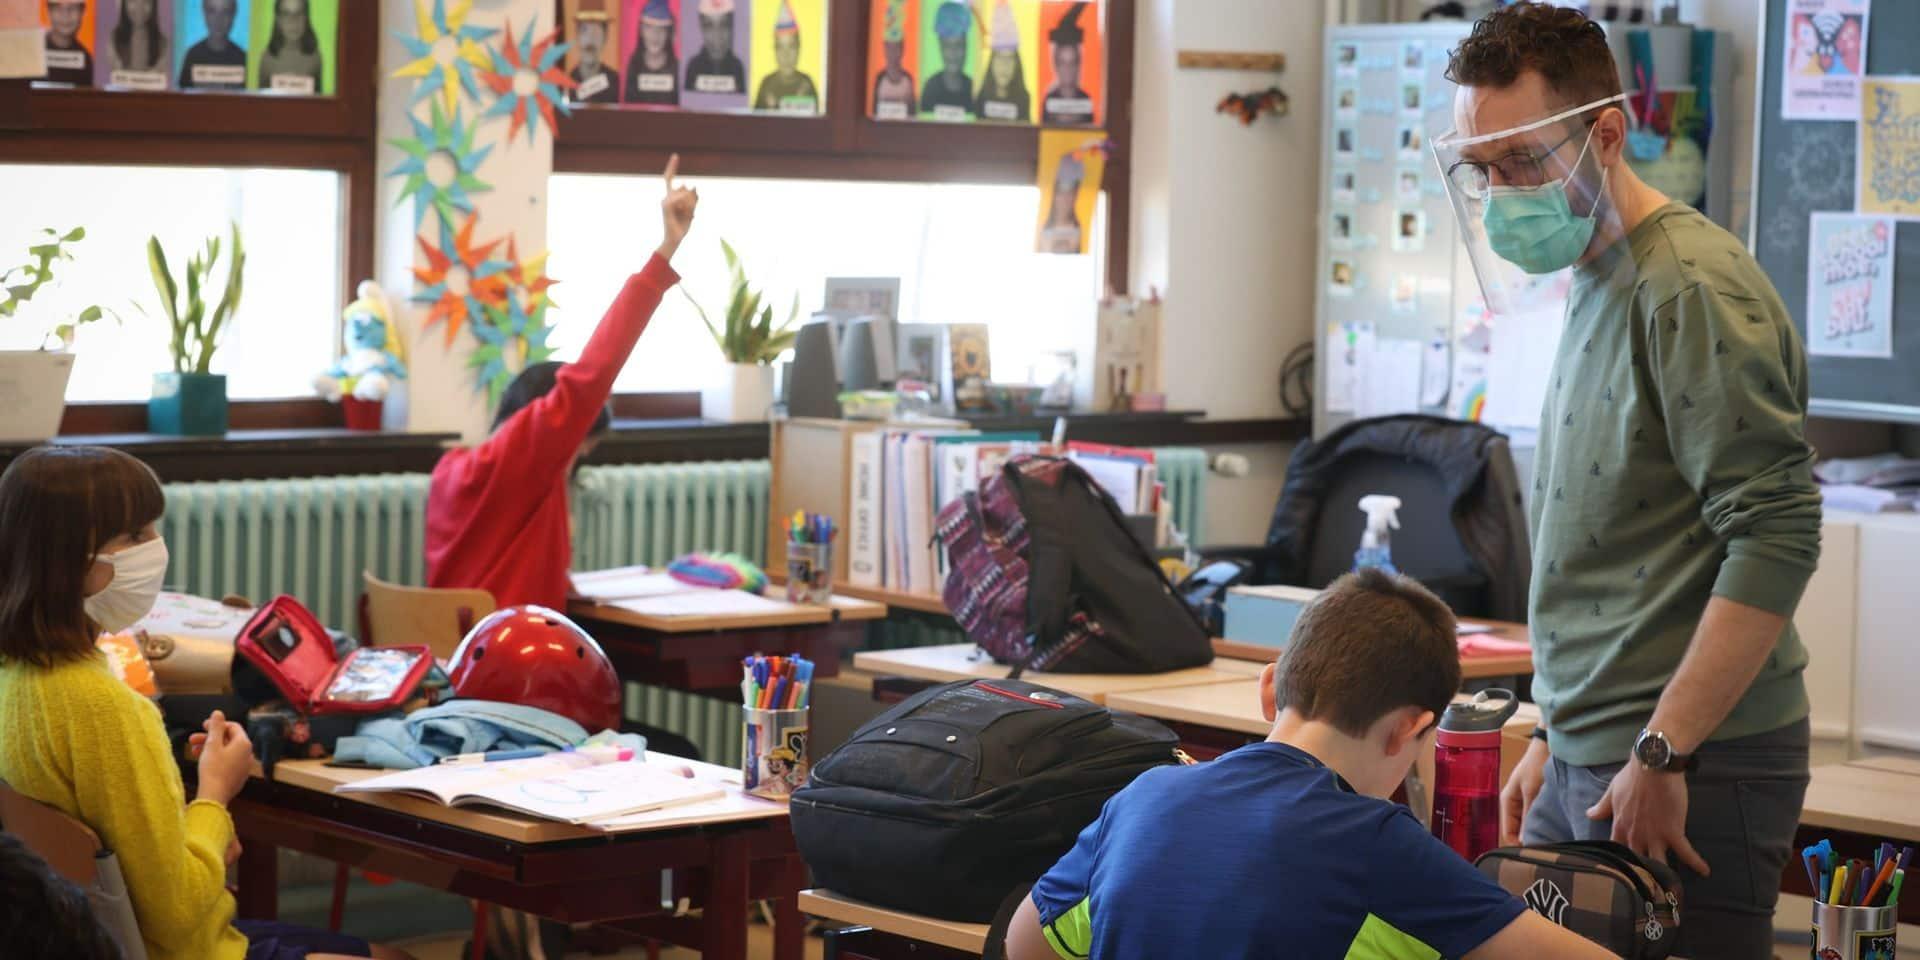 """À une semaine de la rentrée, 432 élèves sont toujours sans école: """"Ils risquent d'être de milieux bien plus fragiles qu'auparavant"""""""